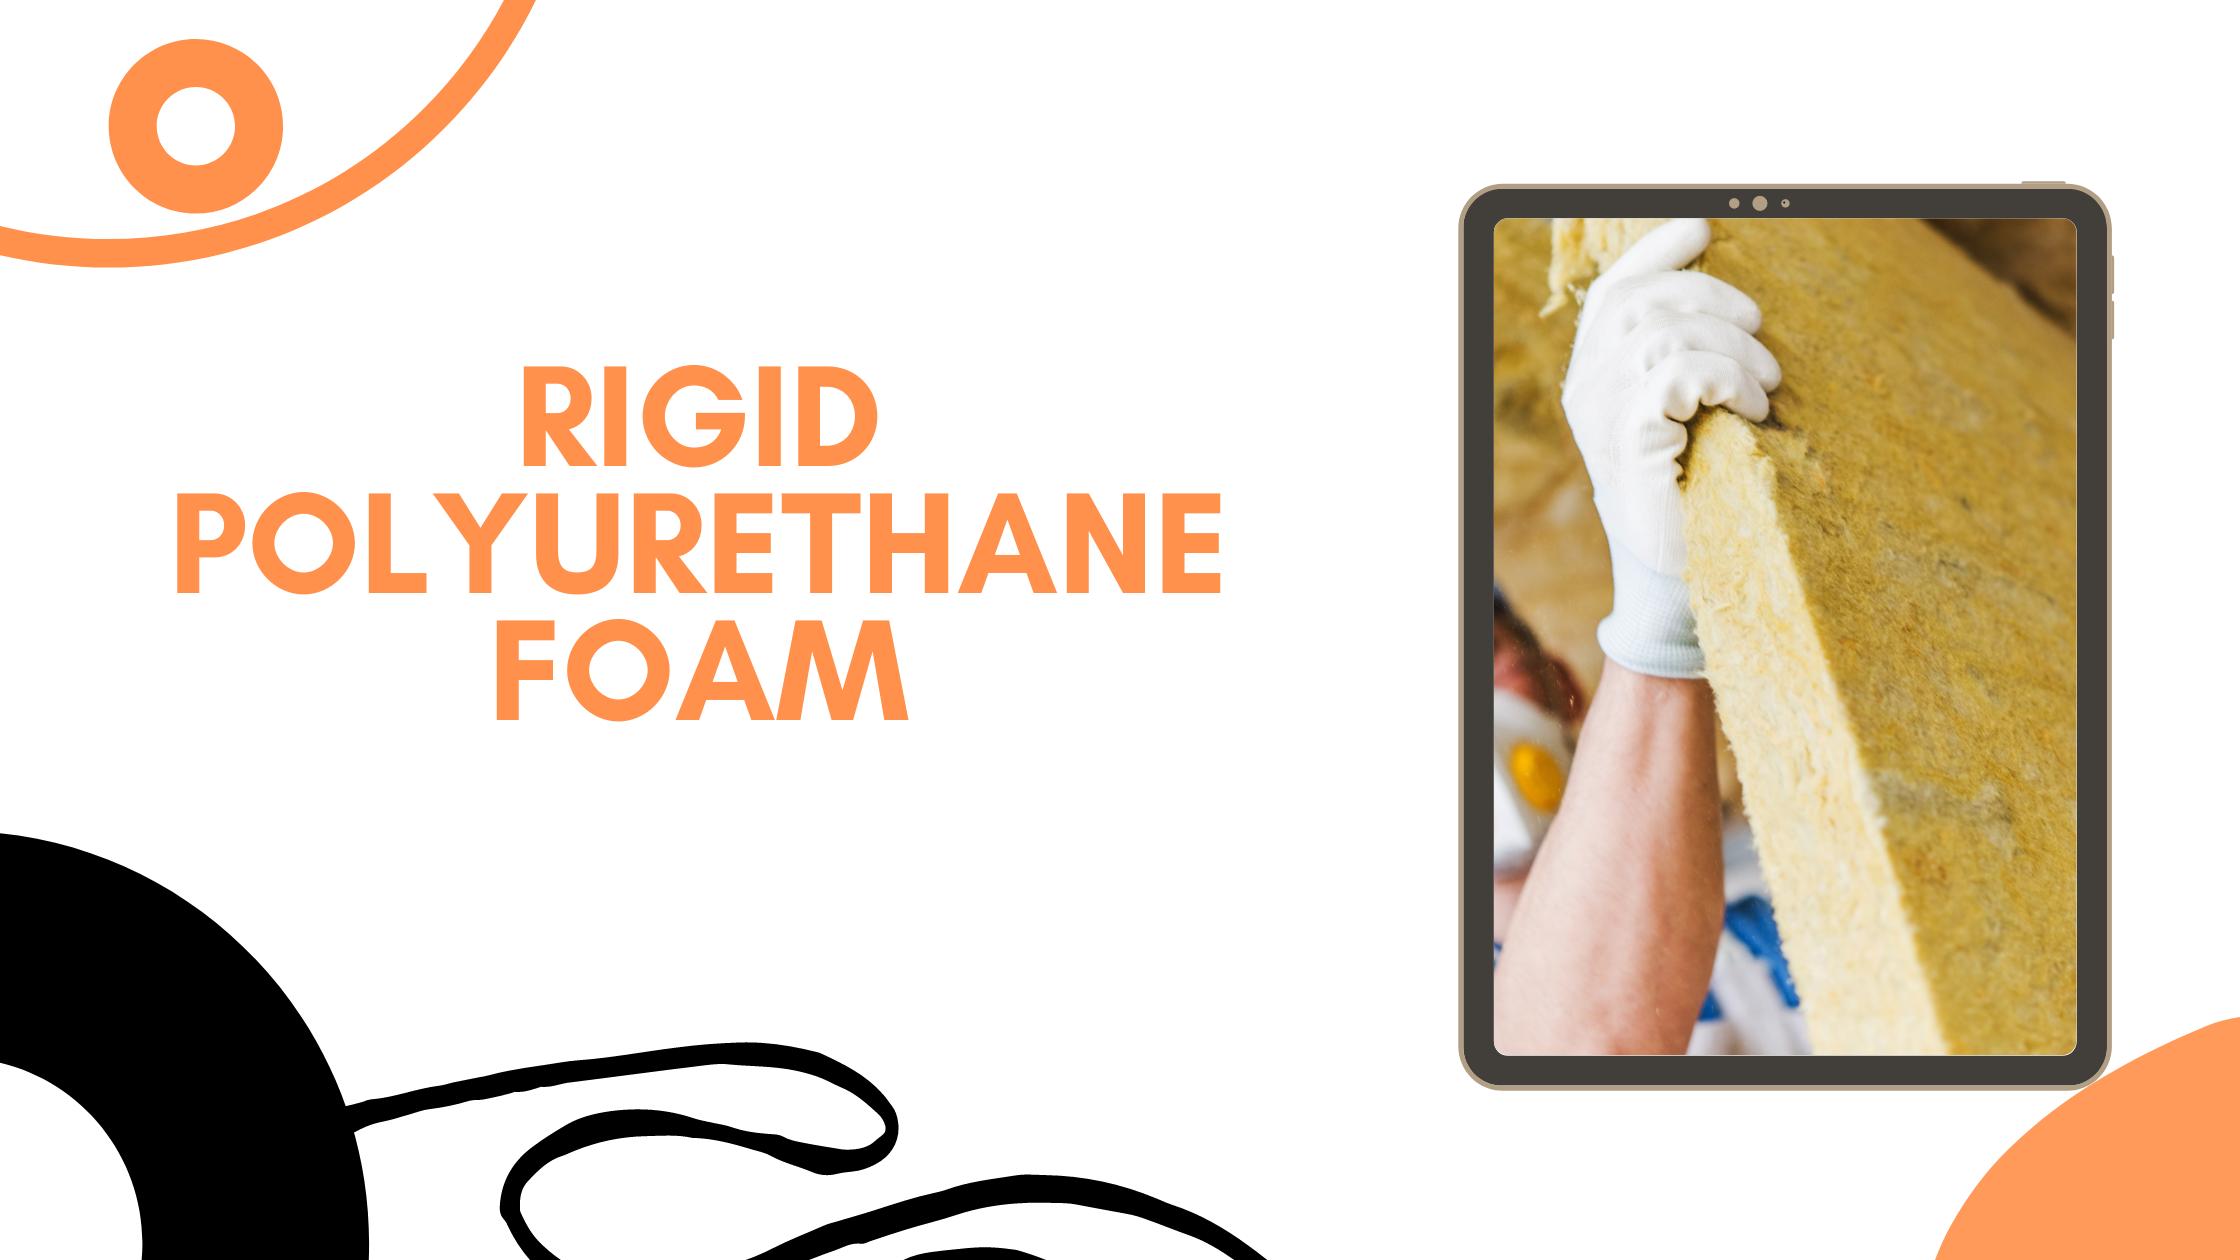 About Rigid Polyurethane Foam